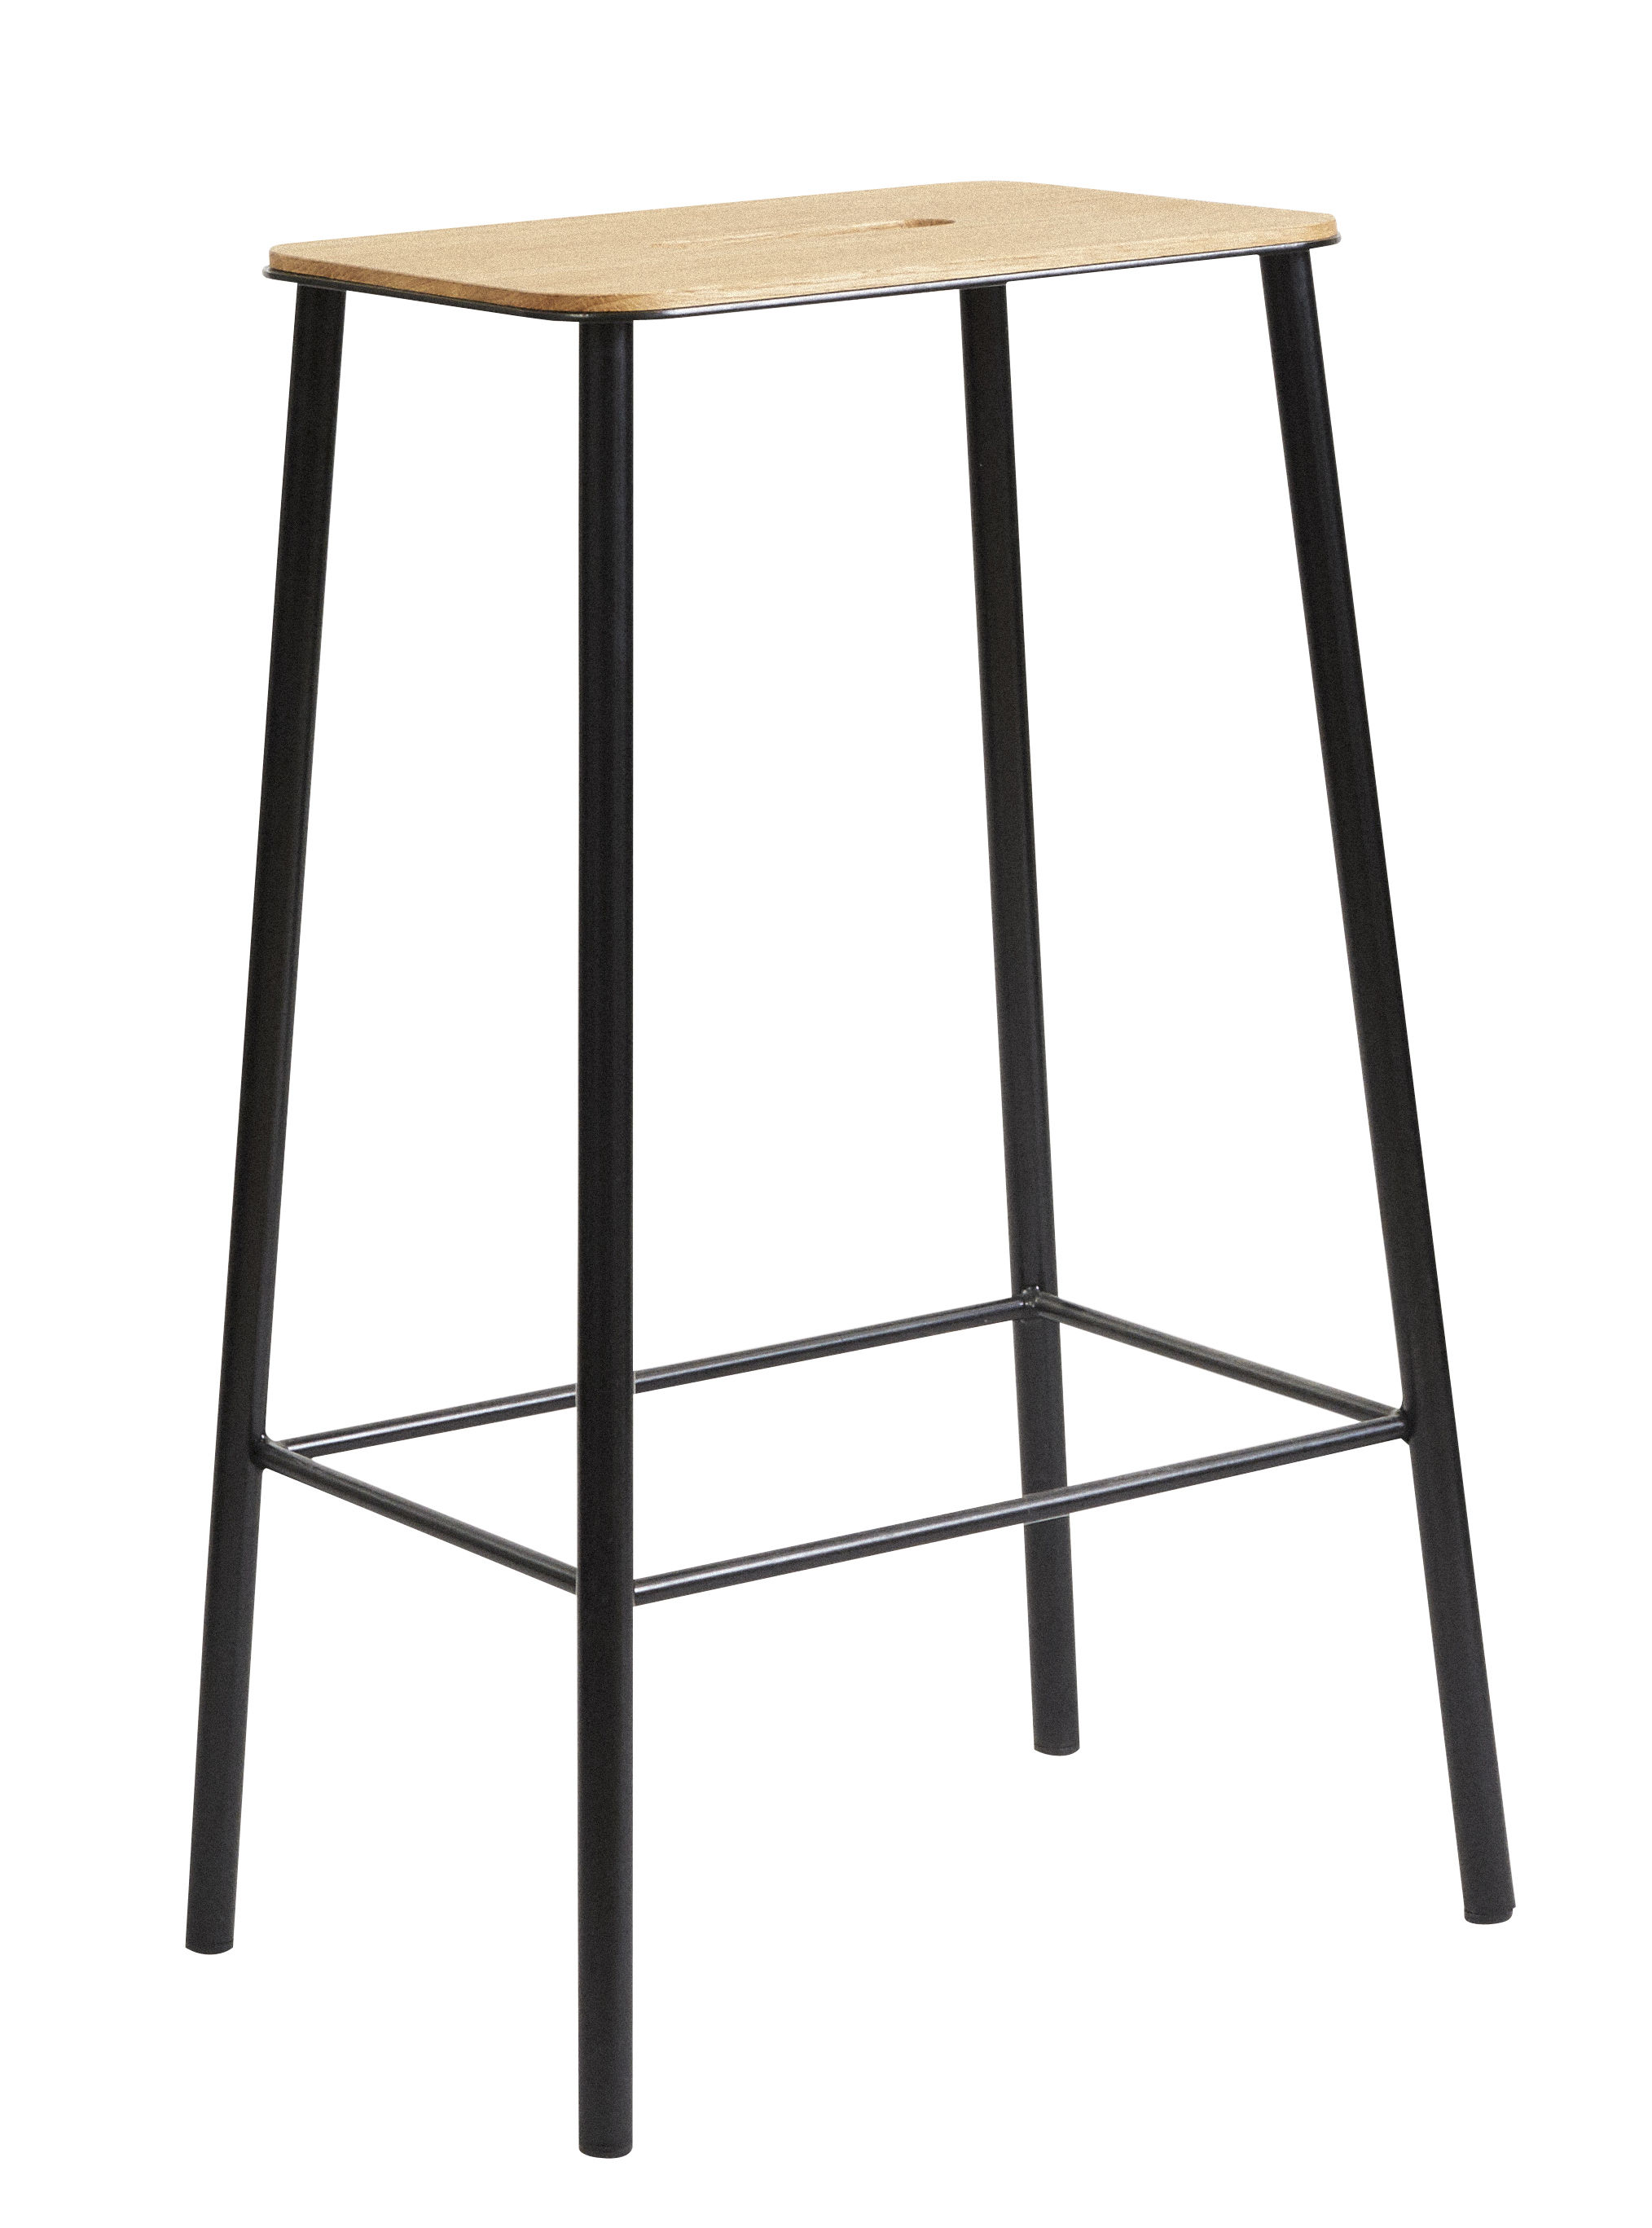 Mobilier - Tabourets de bar - Tabouret haut Adam / H 65 cm - Indoor - Frama  - H 65 cm / Chêne & noir - Acier laqué époxy, Chêne huilé